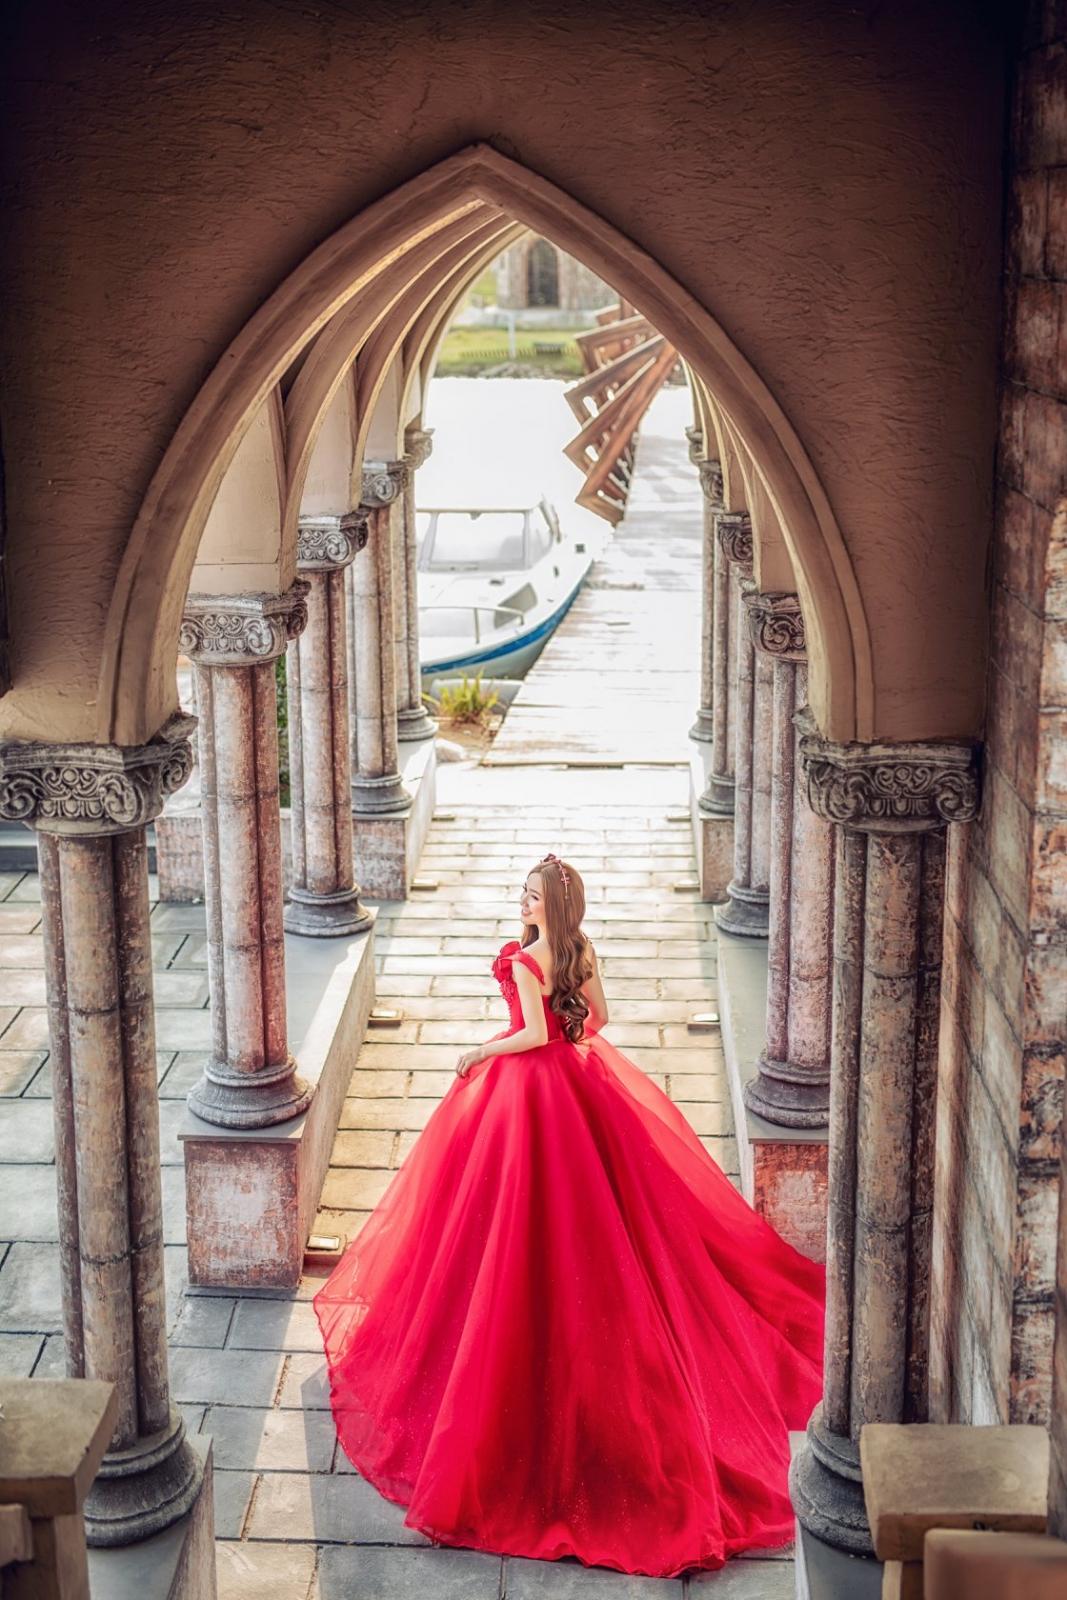 chụp ảnh cưới vào tháng mấy là đẹp nhất